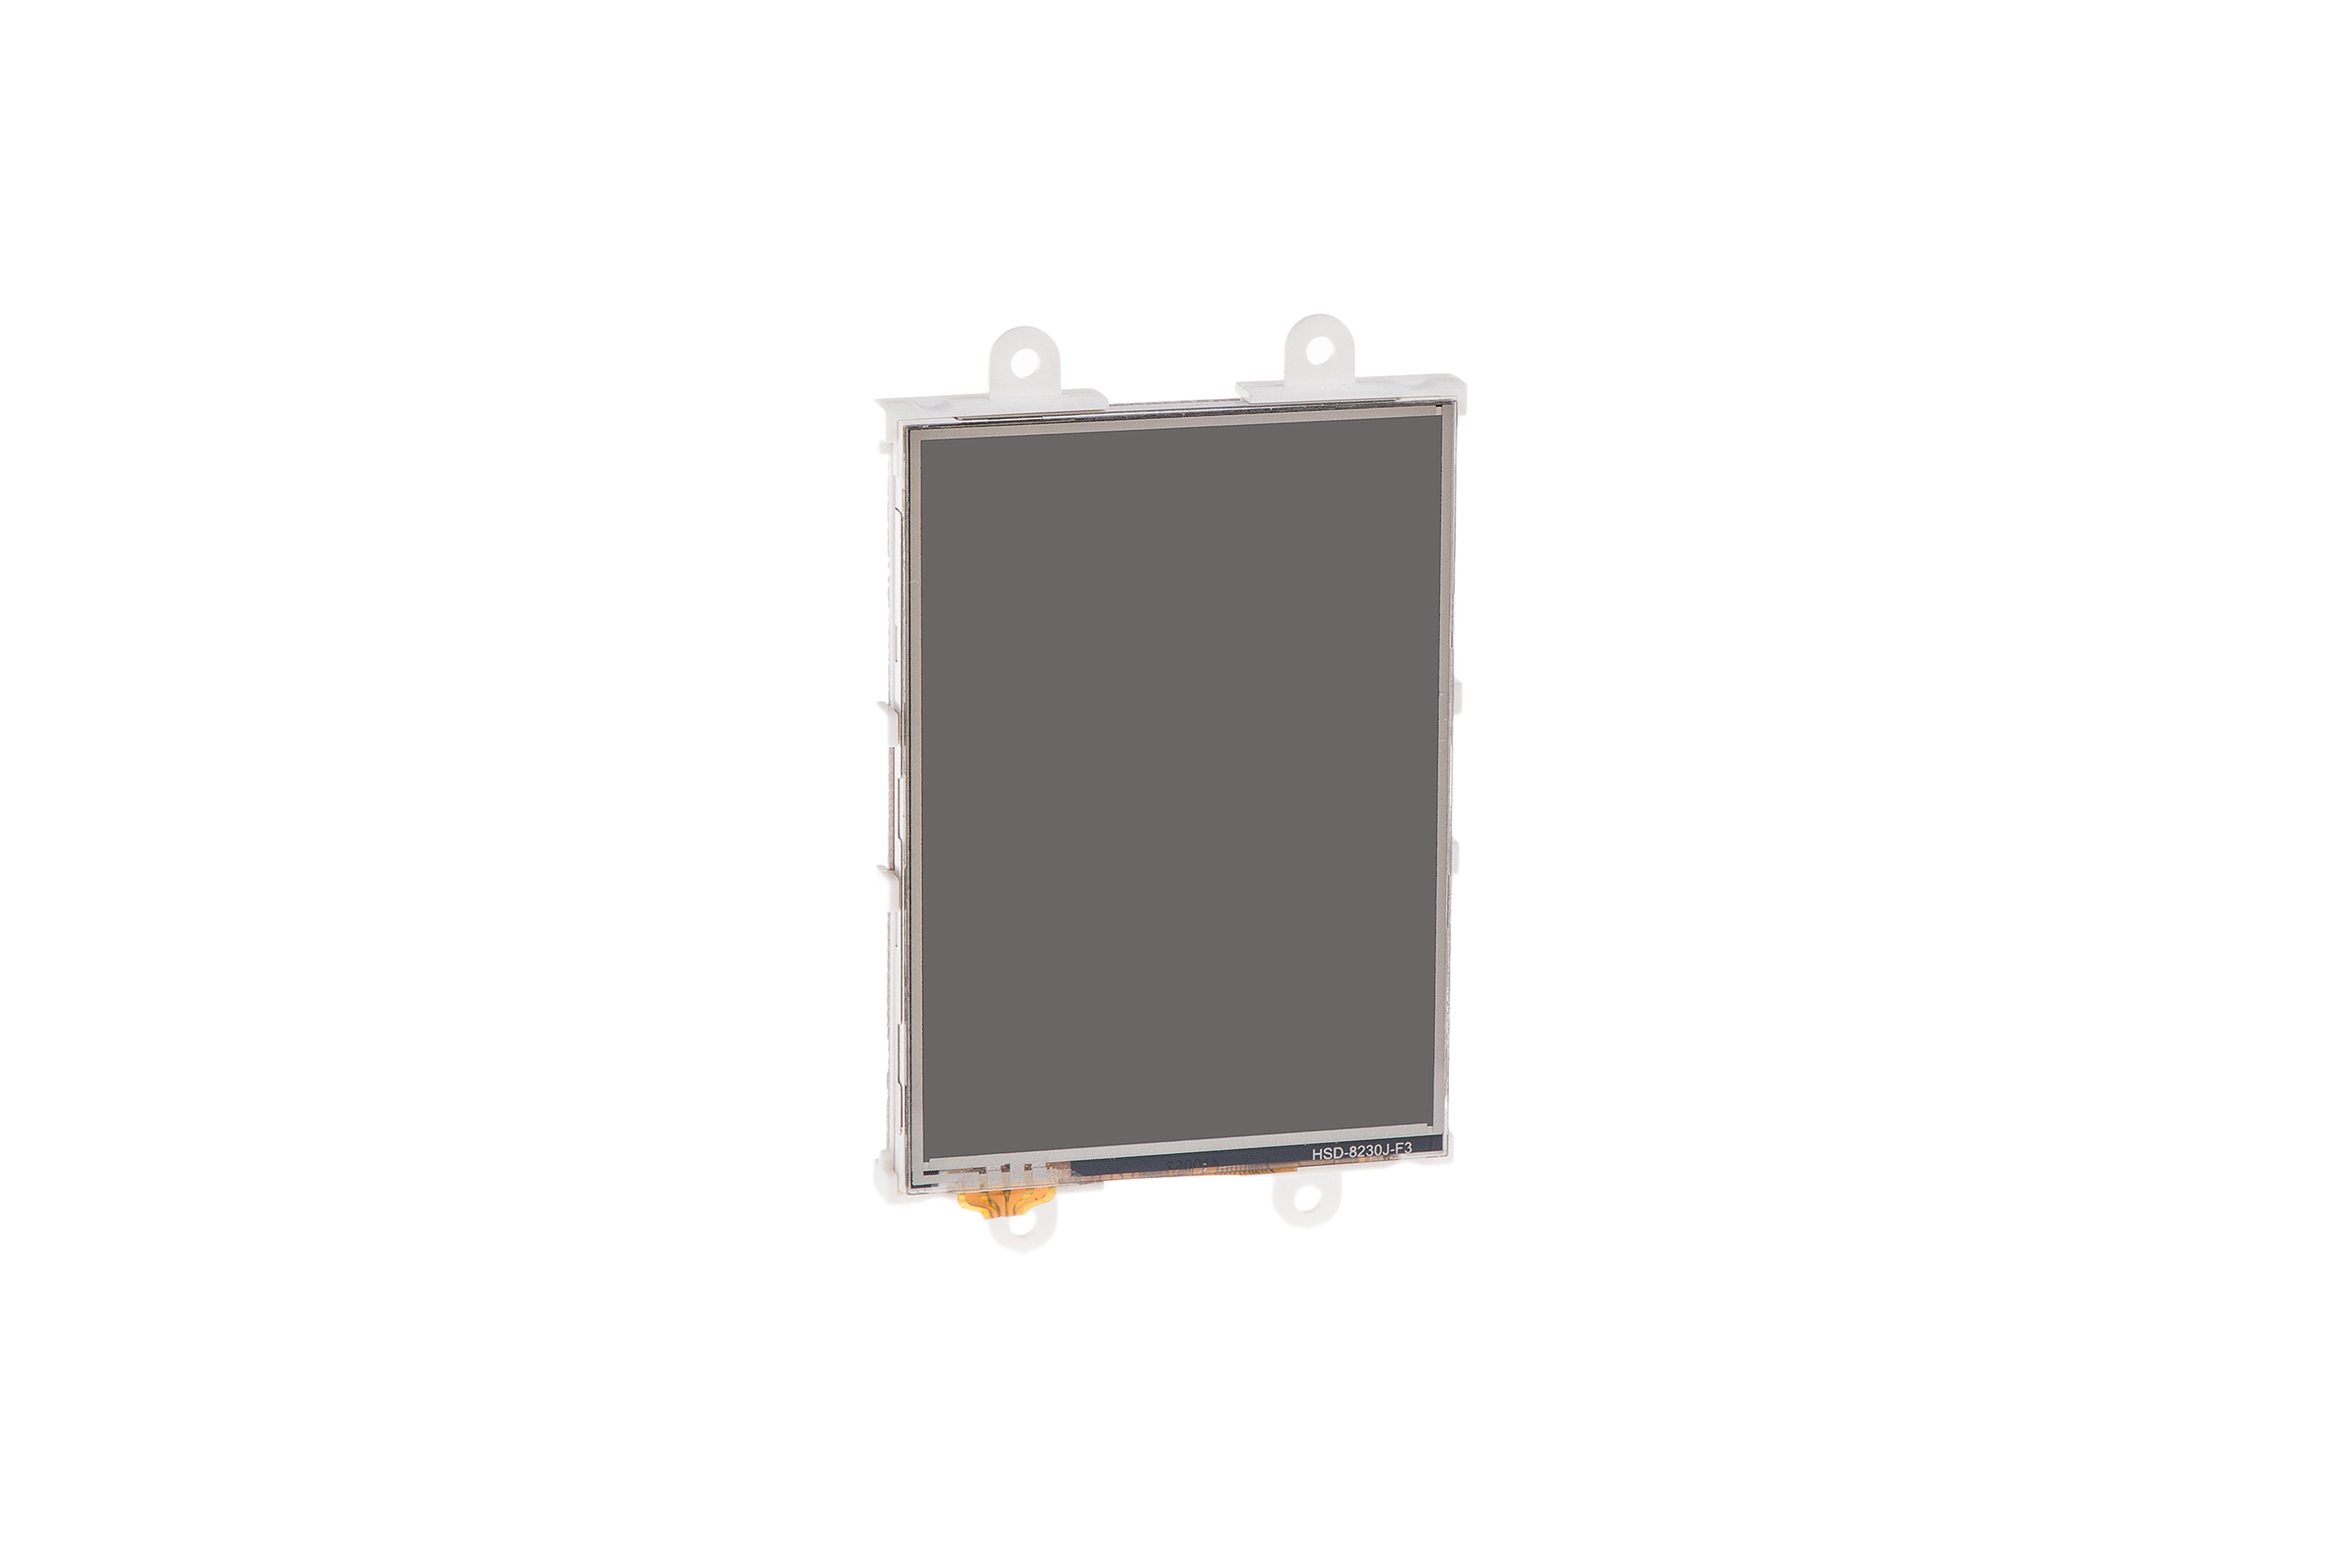 2,8 PO. KIT DE DÉMARRAGE LCD POUR RASPBERRYPI